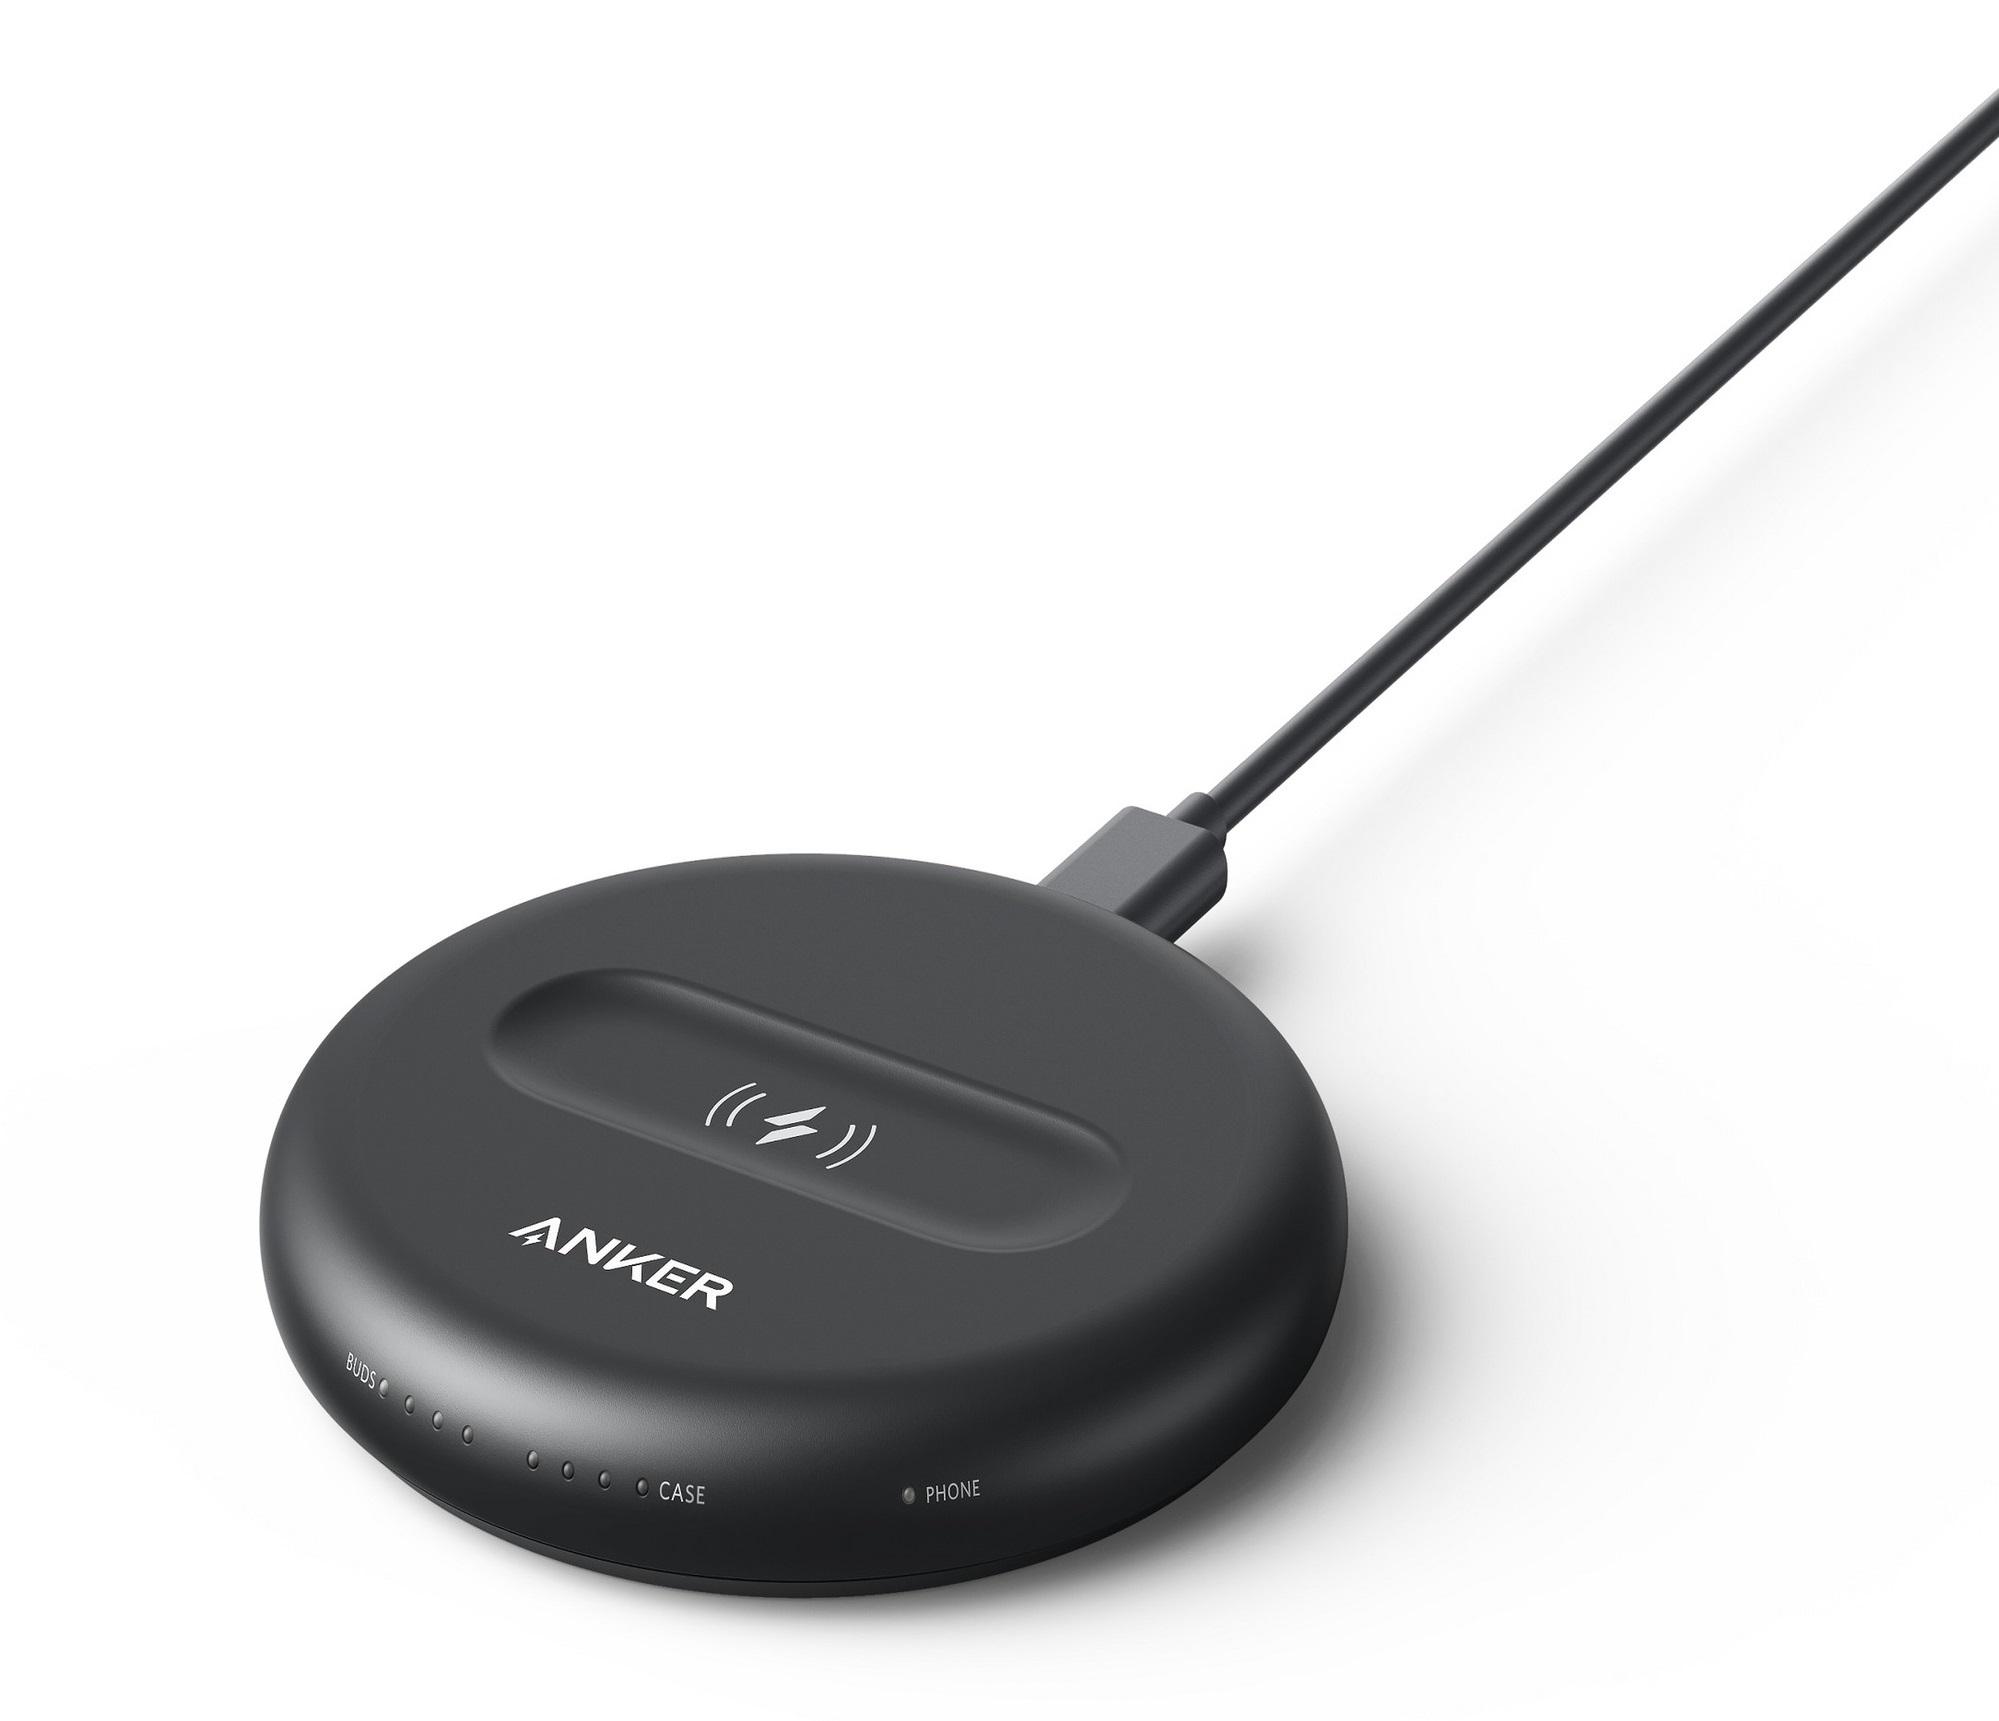 Anker PowerWave Pad para Amazon Echo Buds (2ª geração com carregamento sem fio)